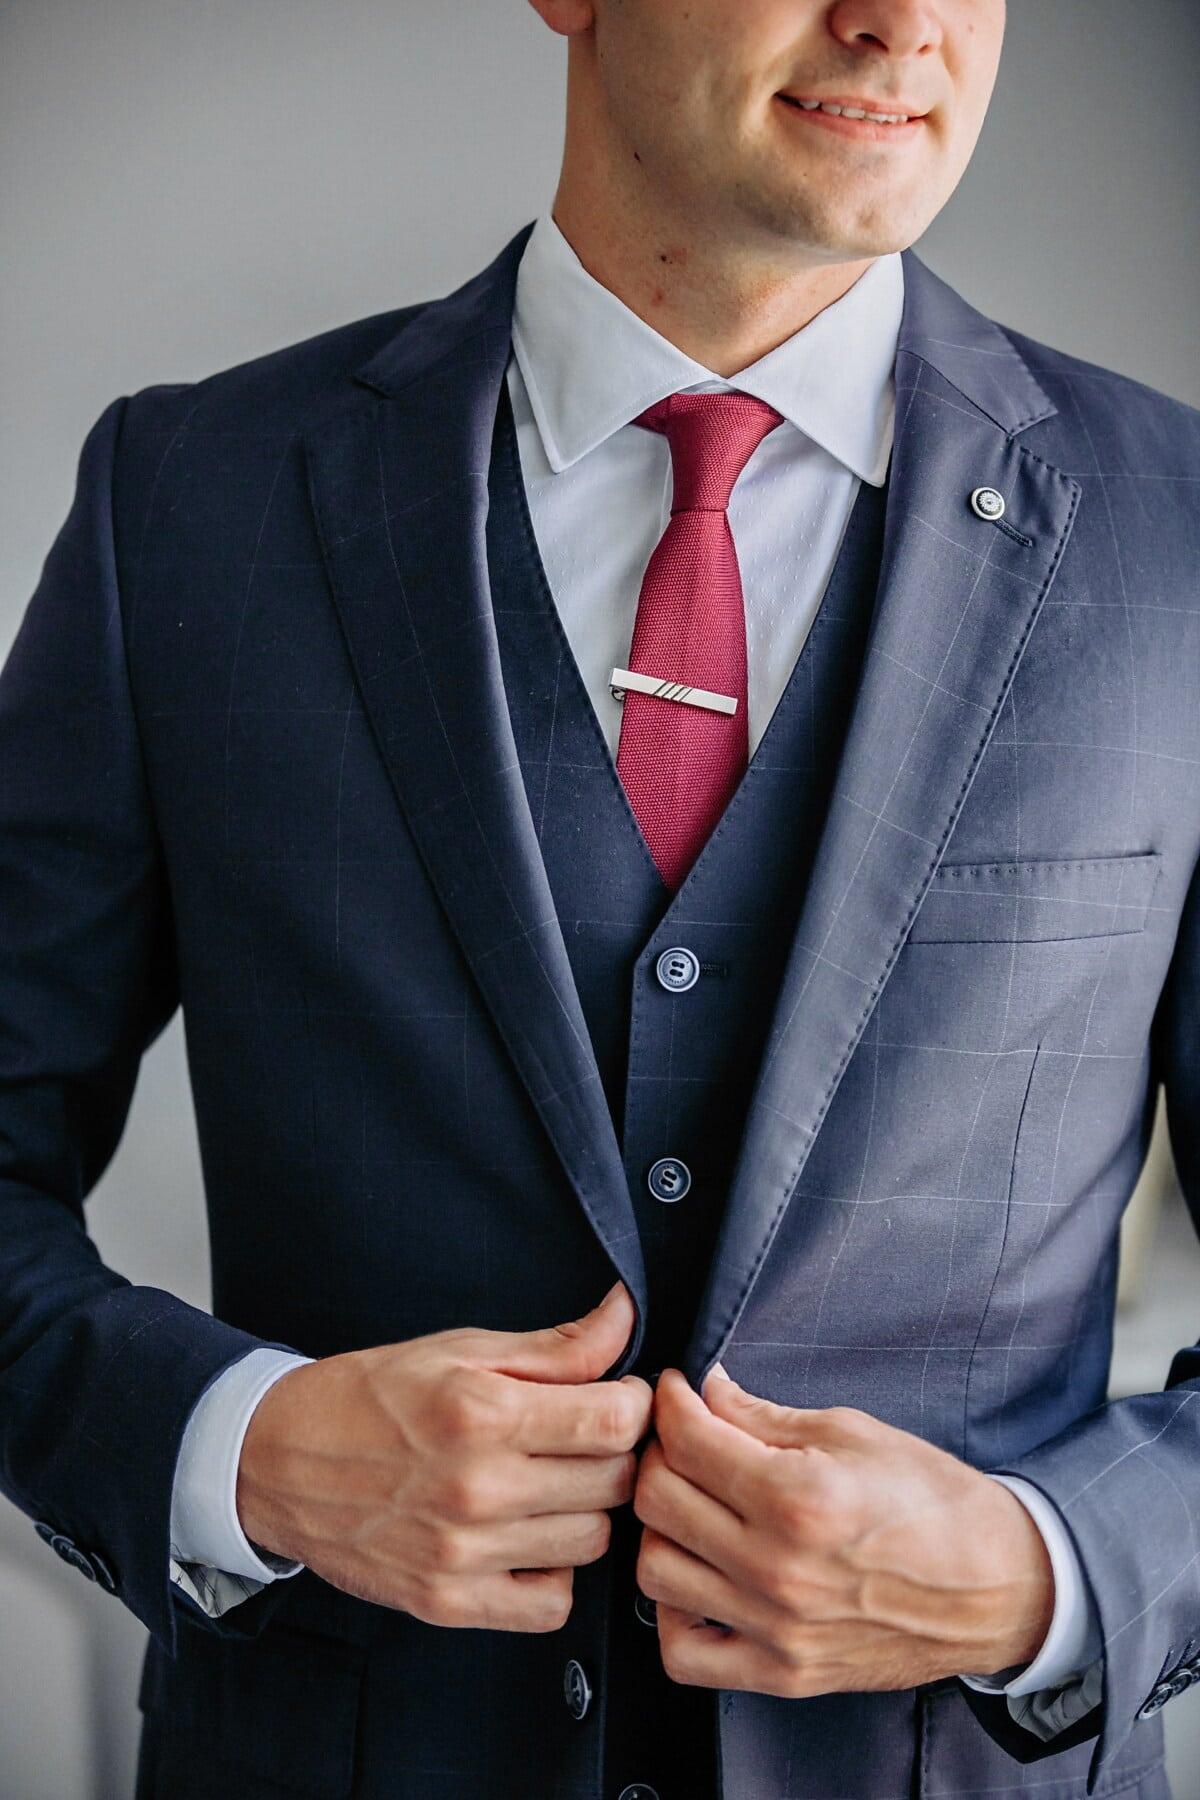 rojo, Corbata, algodón, esmoquin, camiseta, Oficina, empresario, empleado, Administrador de, empresario